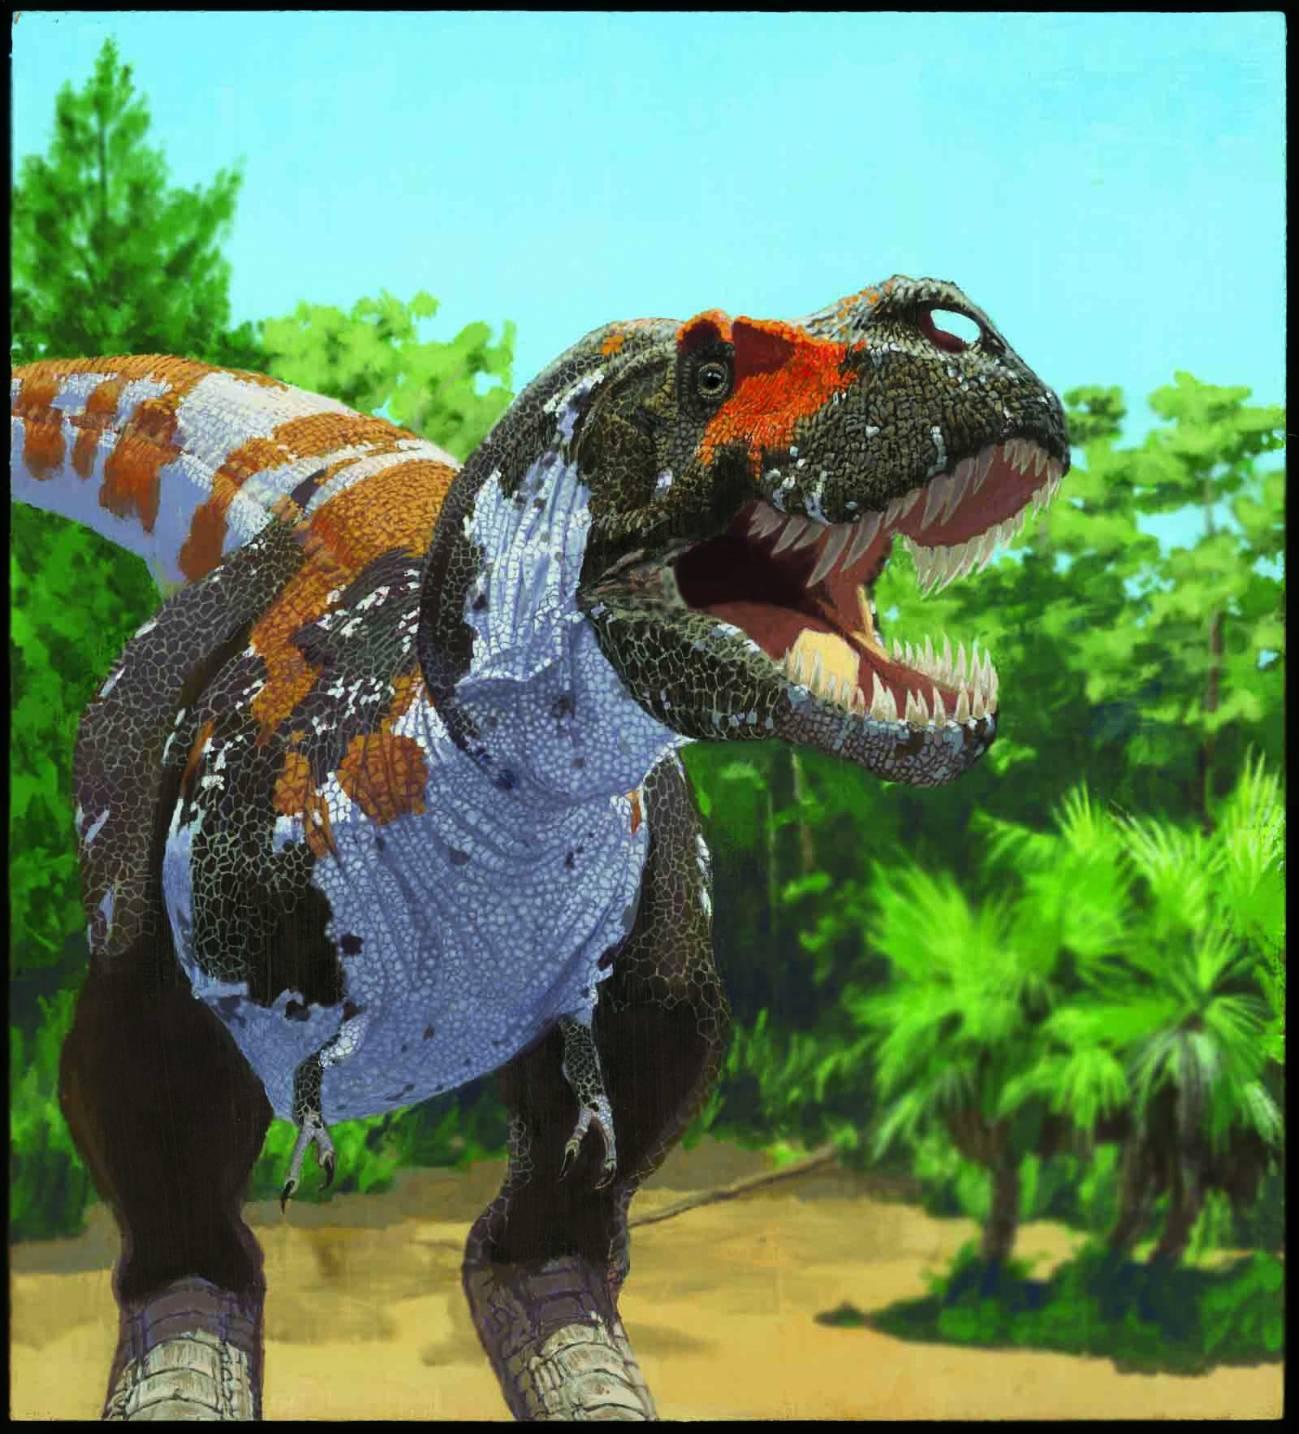 Los Tyrannosaurus rex forman parte del grupo de dinosaurios carnívoros cuya biodiversidad se mantuvo hasta la gran extinción. Imagen: AMNH/J. Brougham.